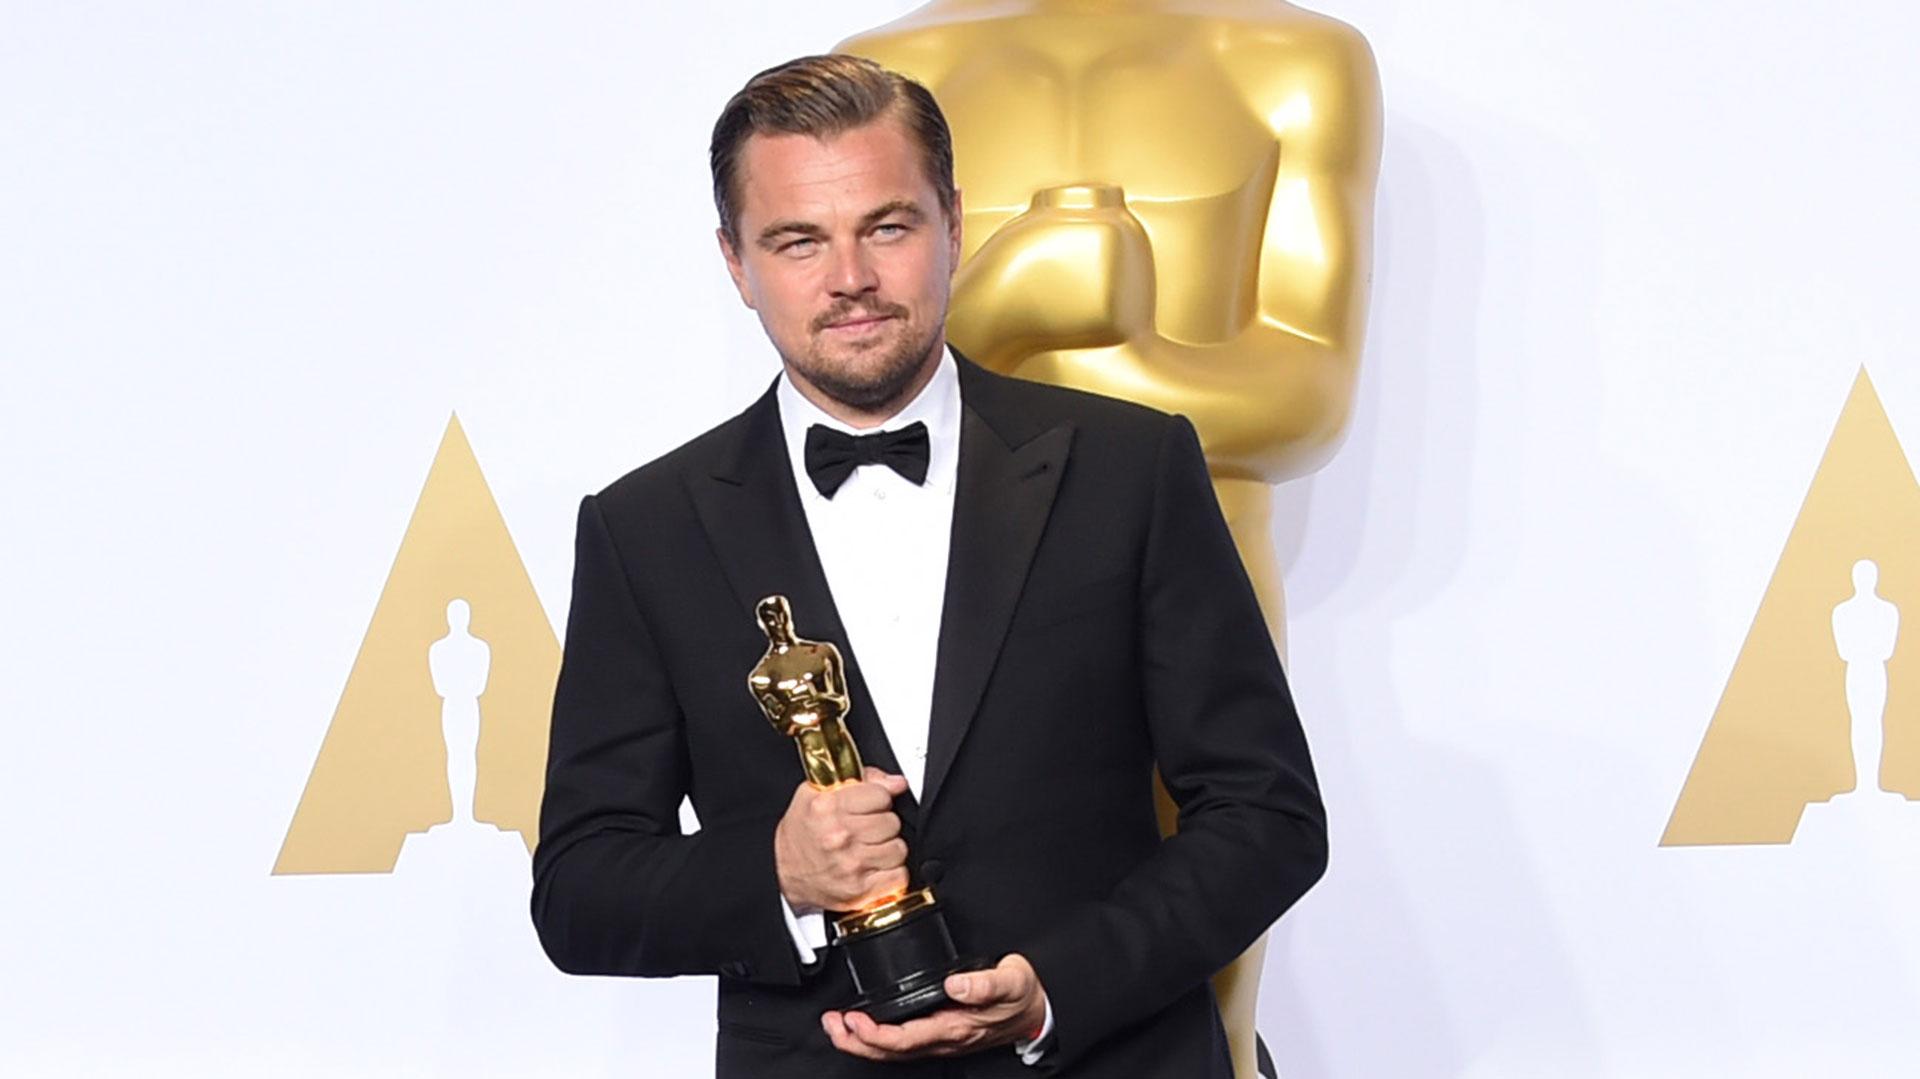 Con tres décadas de carrera a sus espaldas, el actor nacido en el seno de una familia hippie se ha convertido en una de las estrellas más rentables de Hollywood